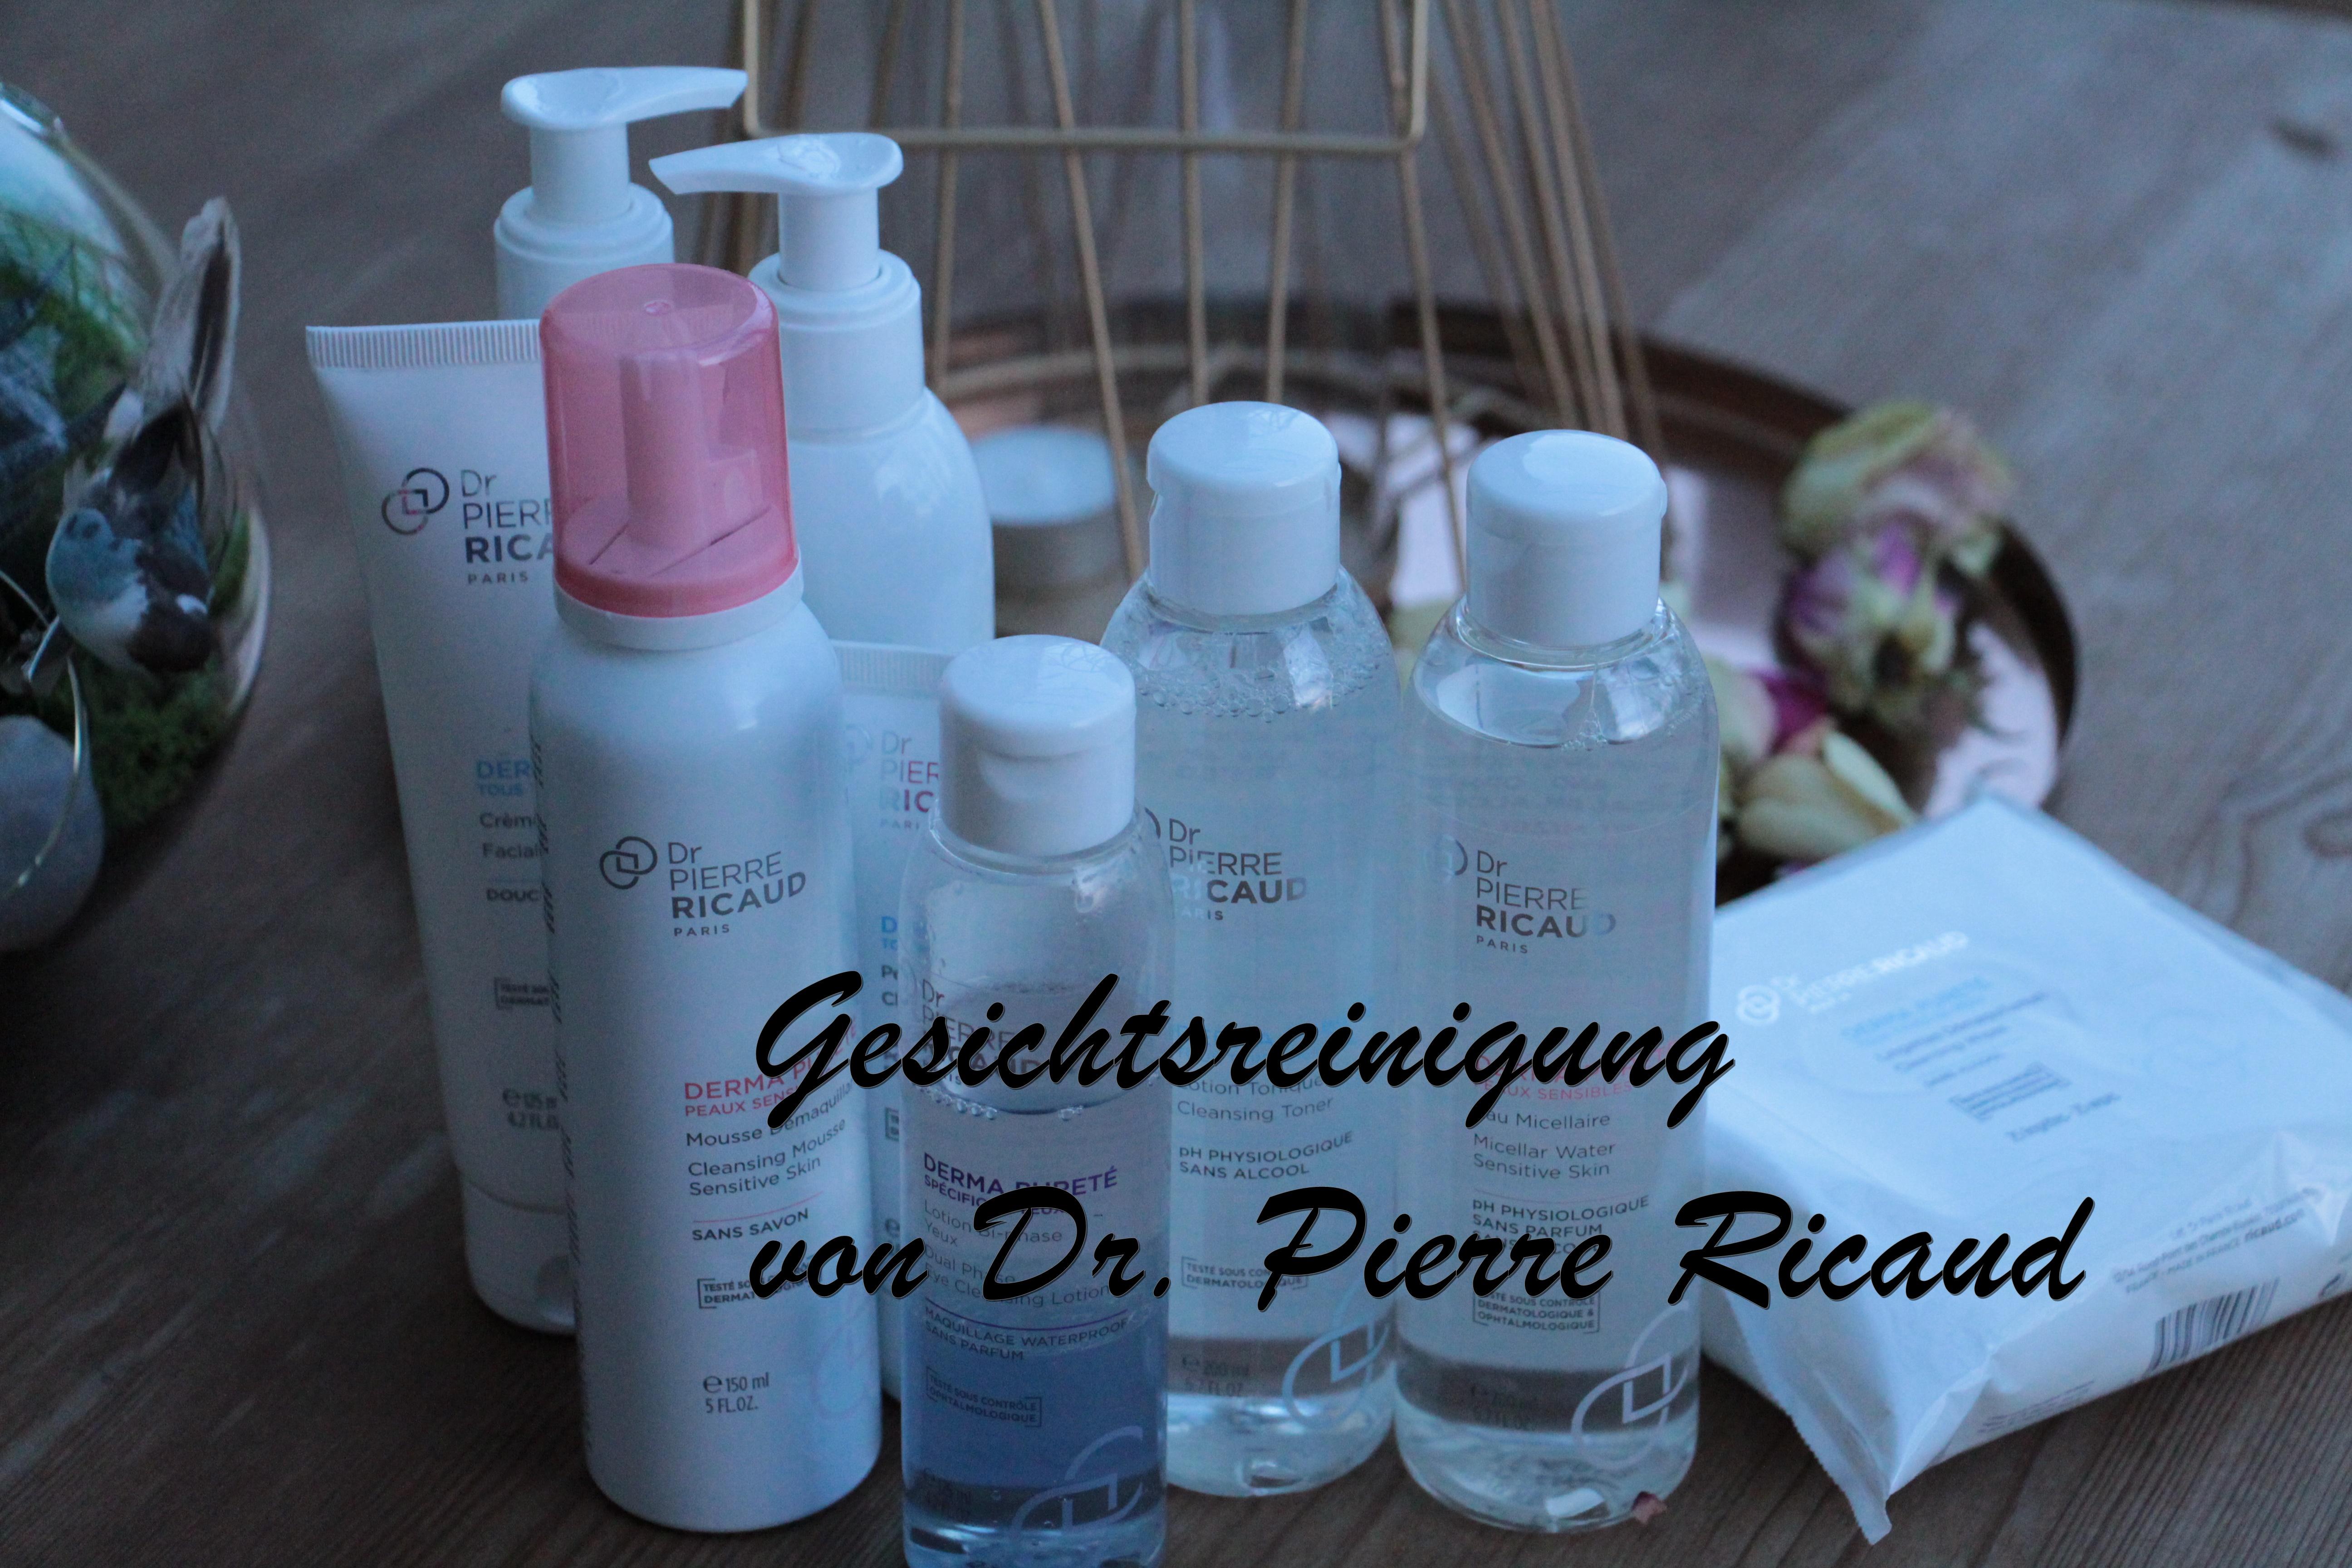 Vorstellung: Gesichtsreinigung Derma Pureté von Dr. Pierre Ricaud